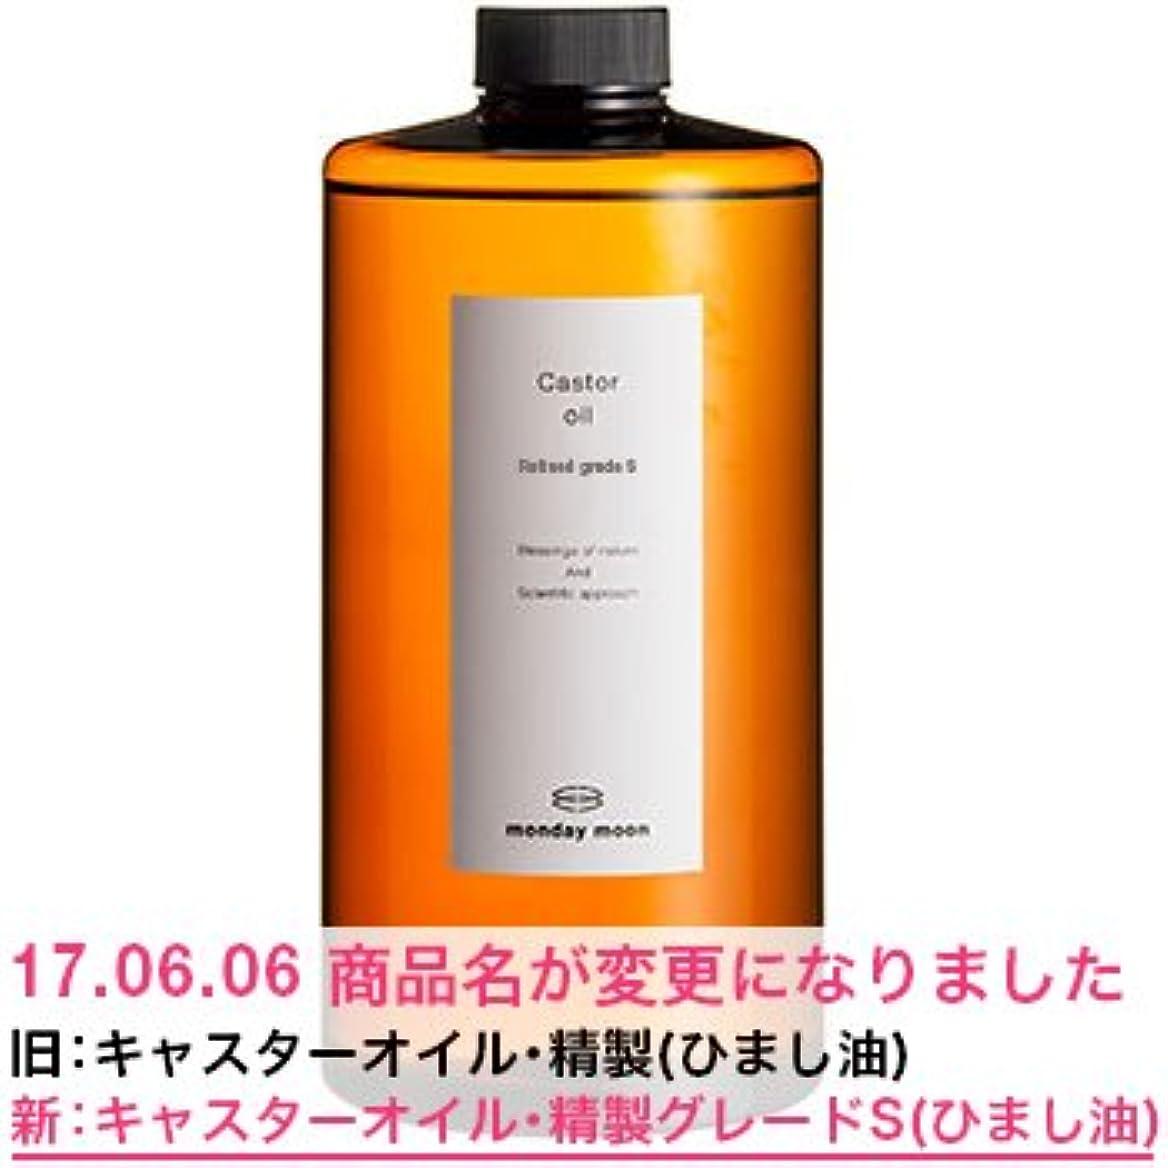 取り囲む通訳不従順ひまし油?精製グレードS(キャスターオイル)/1000ml